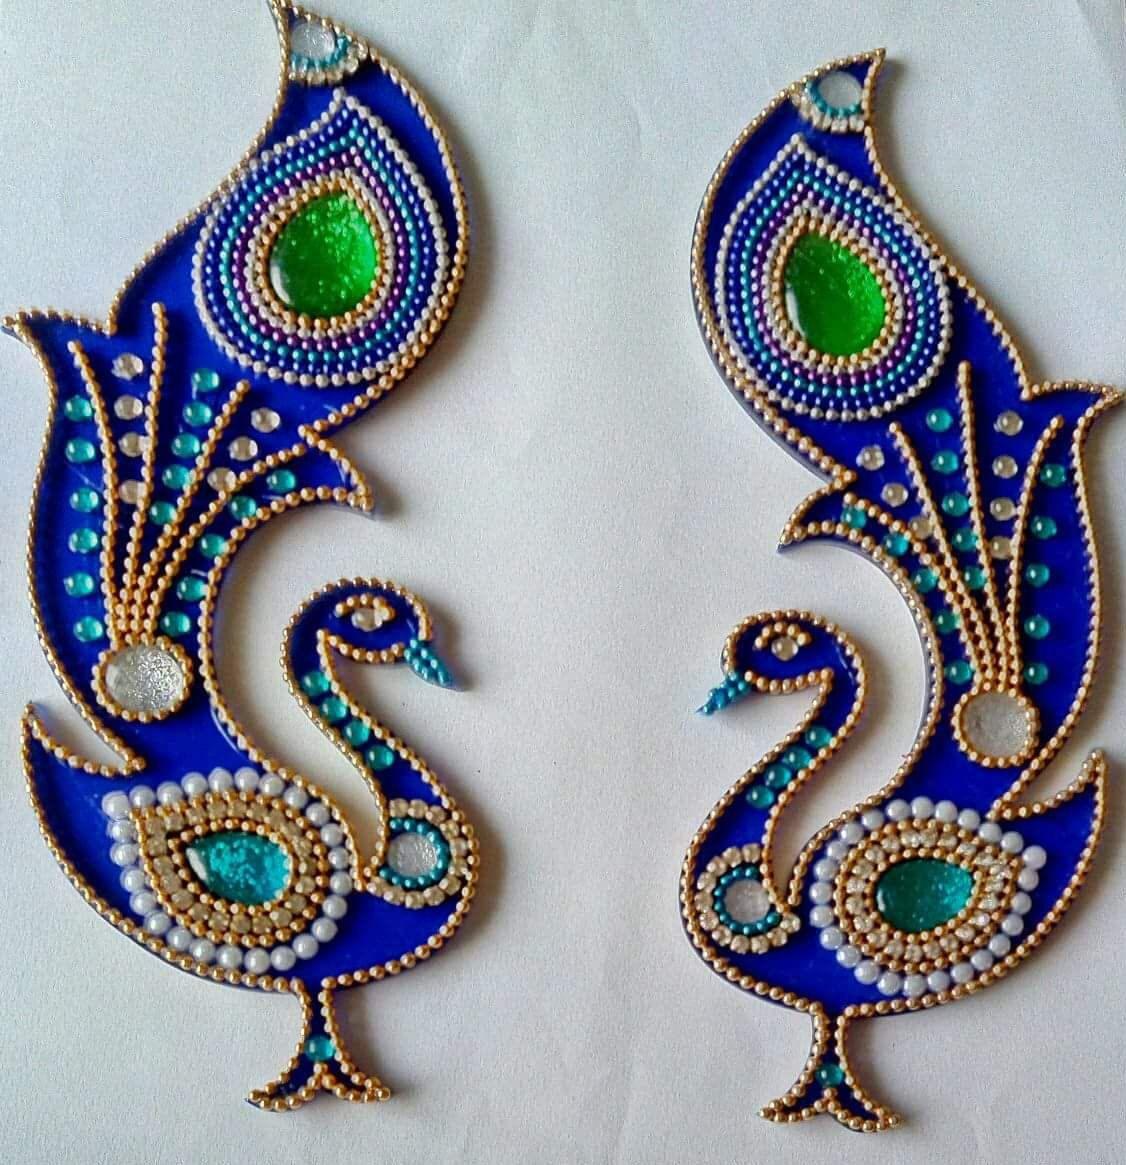 Beautiful Kundan Rangoli Floor Art Peacock Design Wedding Mandap ...